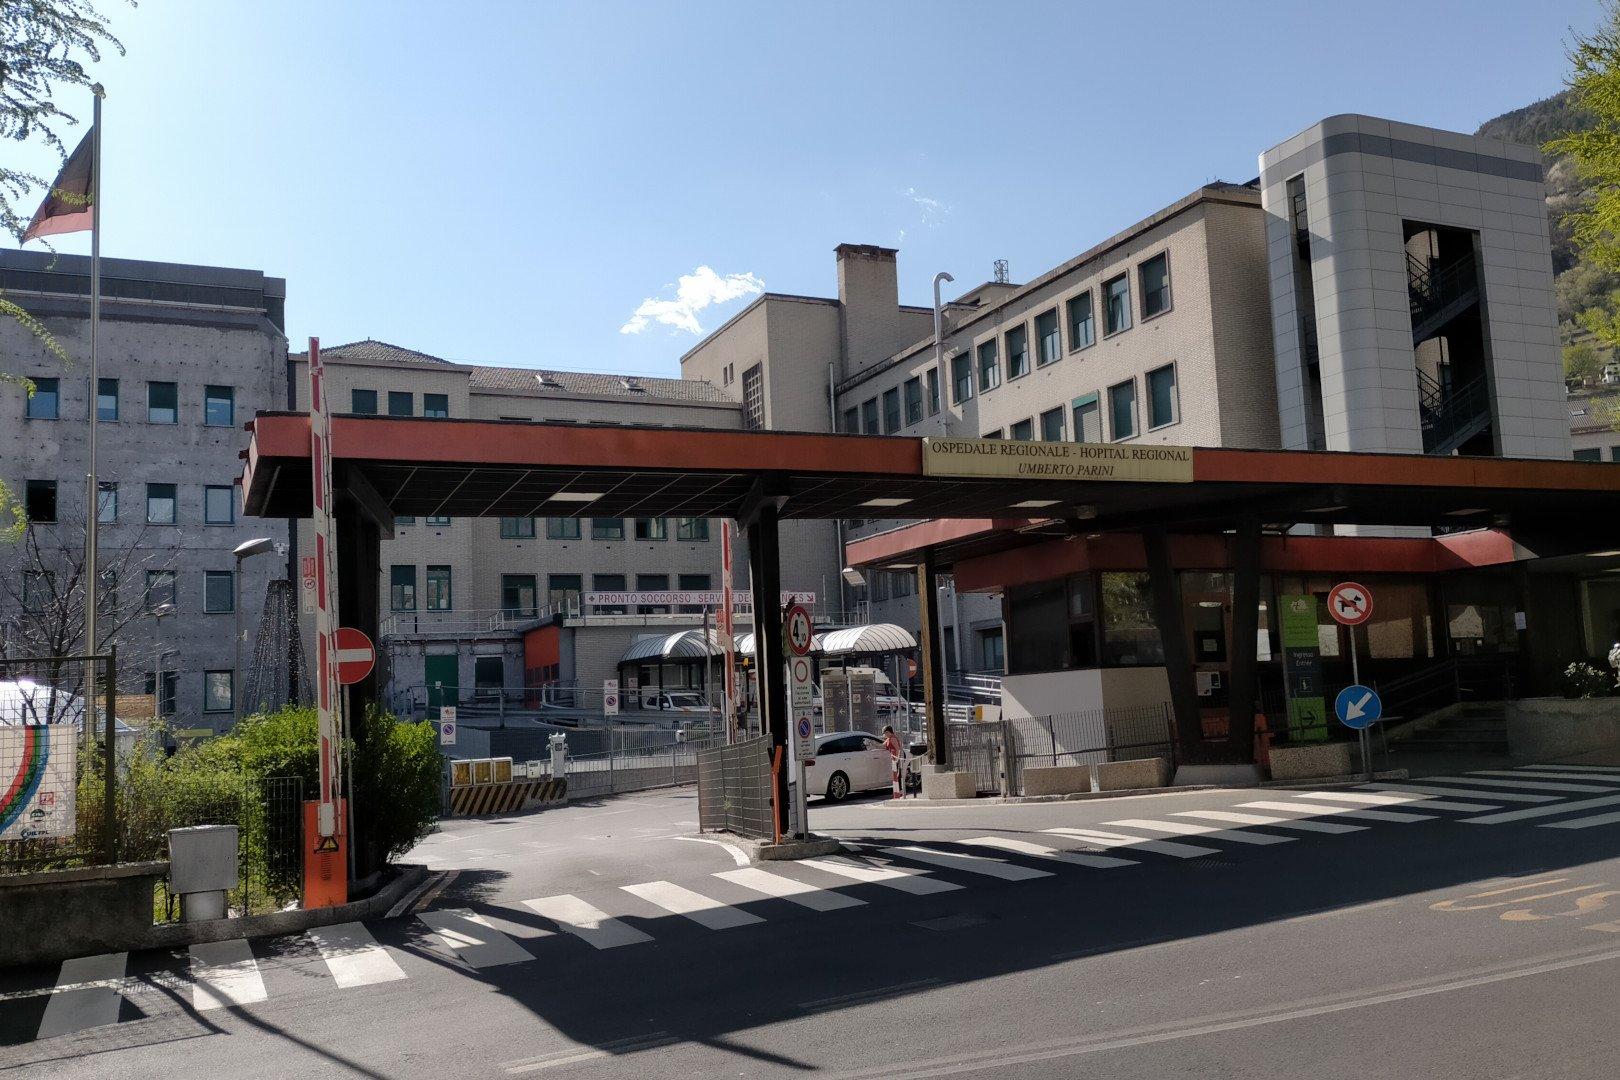 L'ospedale regionale 'Parini' di Aosta